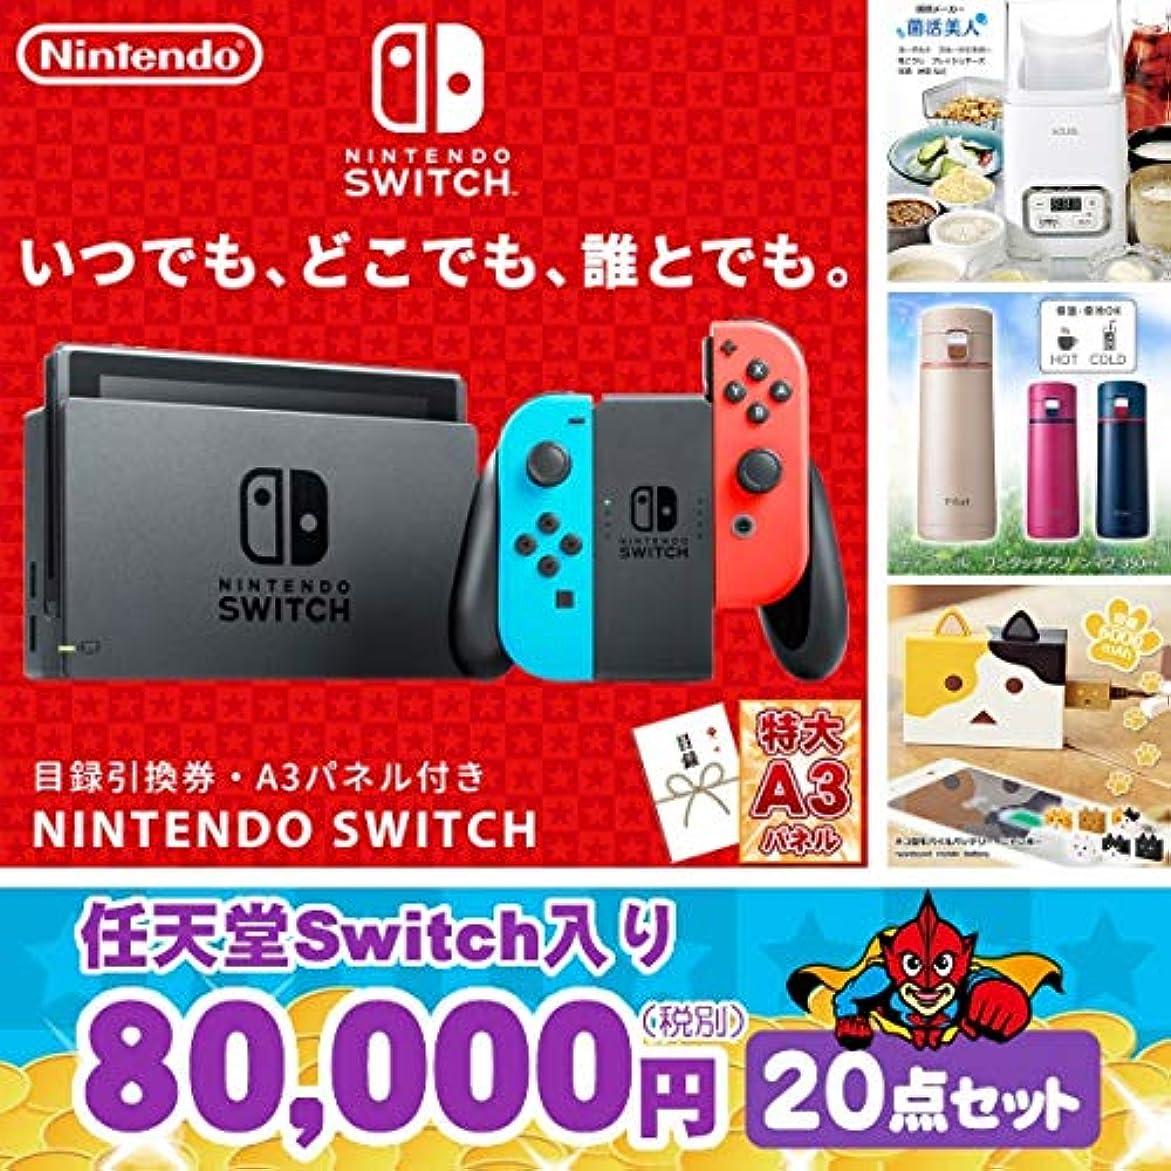 かご増幅増強する任天堂Switch入り景品80,000円20点セット アプリ対応ビンゴカード50枚付